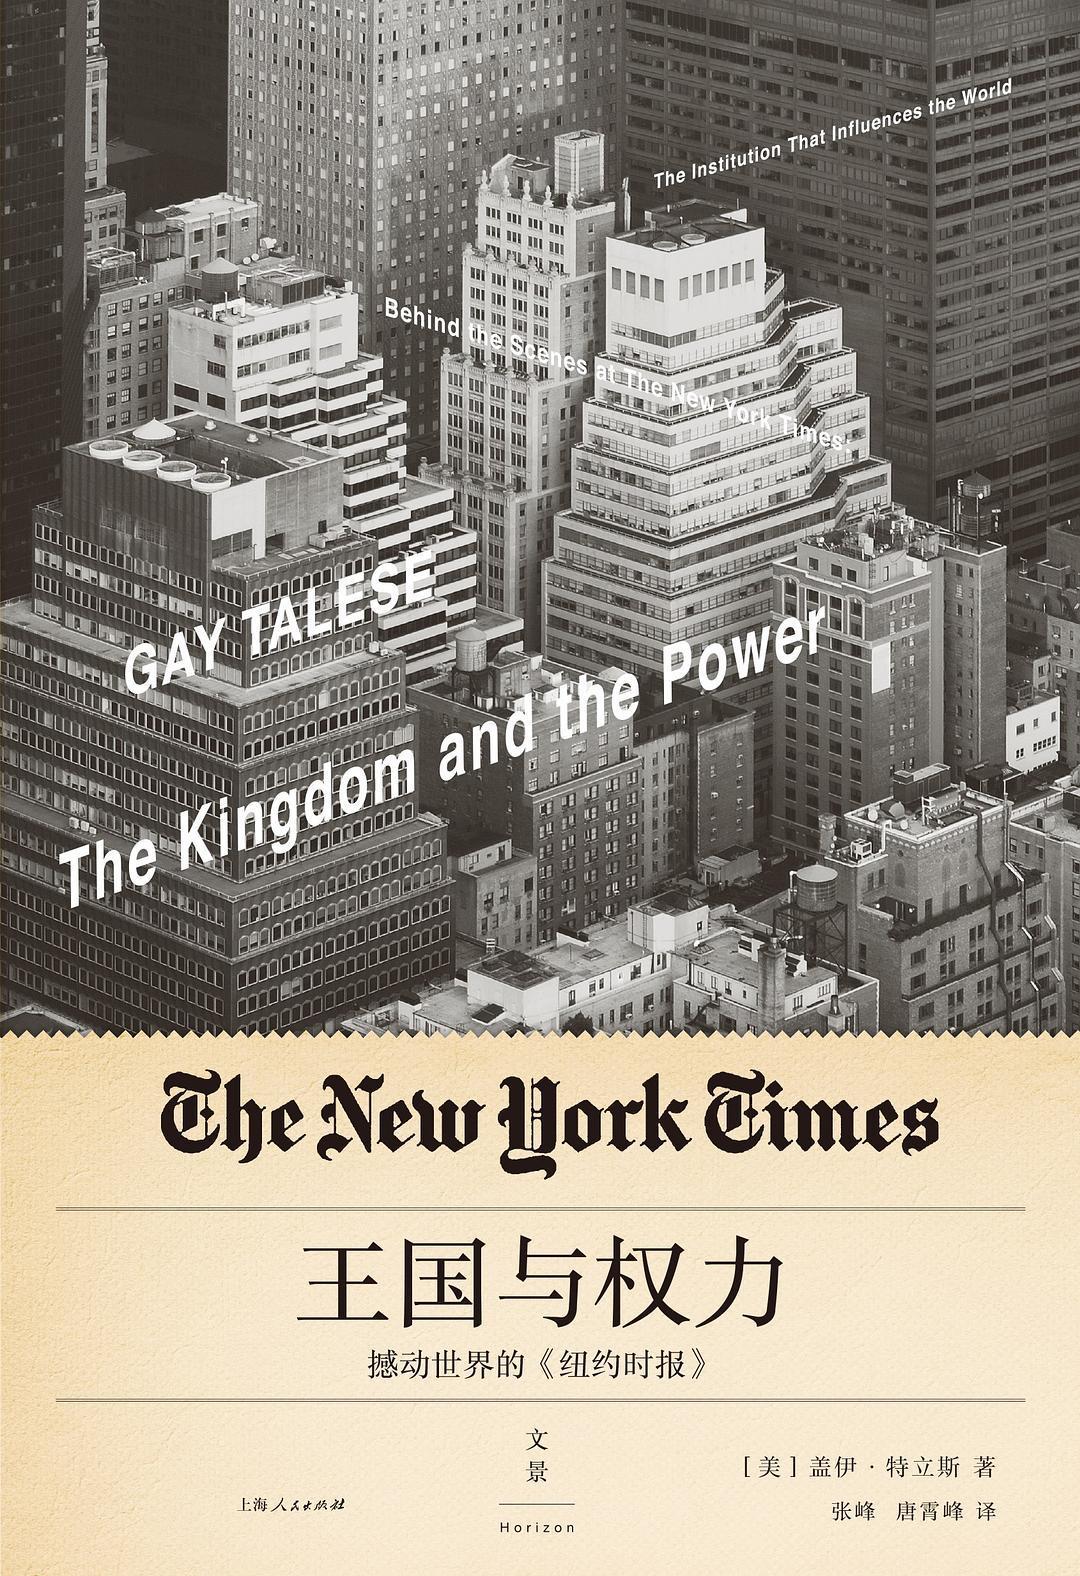 王国与权力:撼动世界的